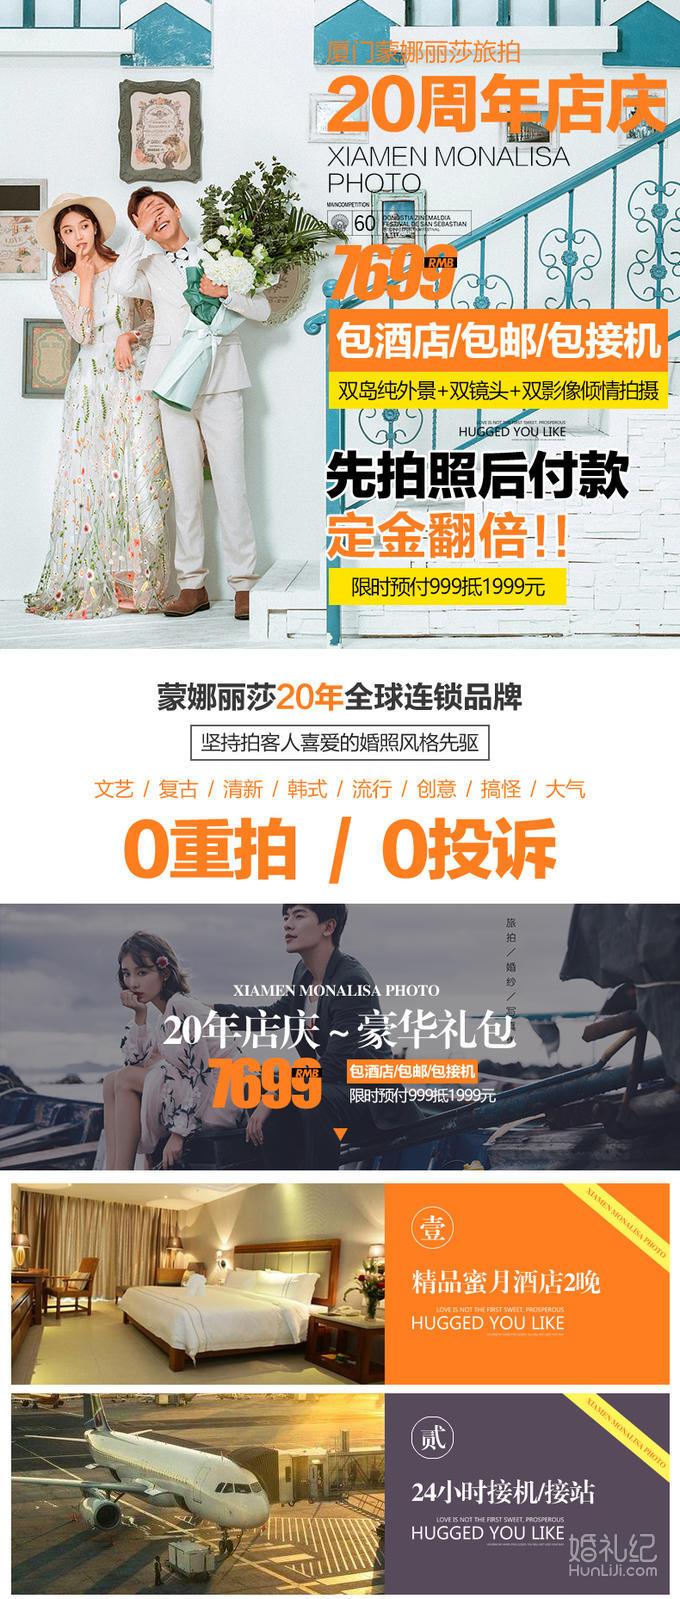 【全国连锁影楼】双机位MV+送婚纱+不满意就退款